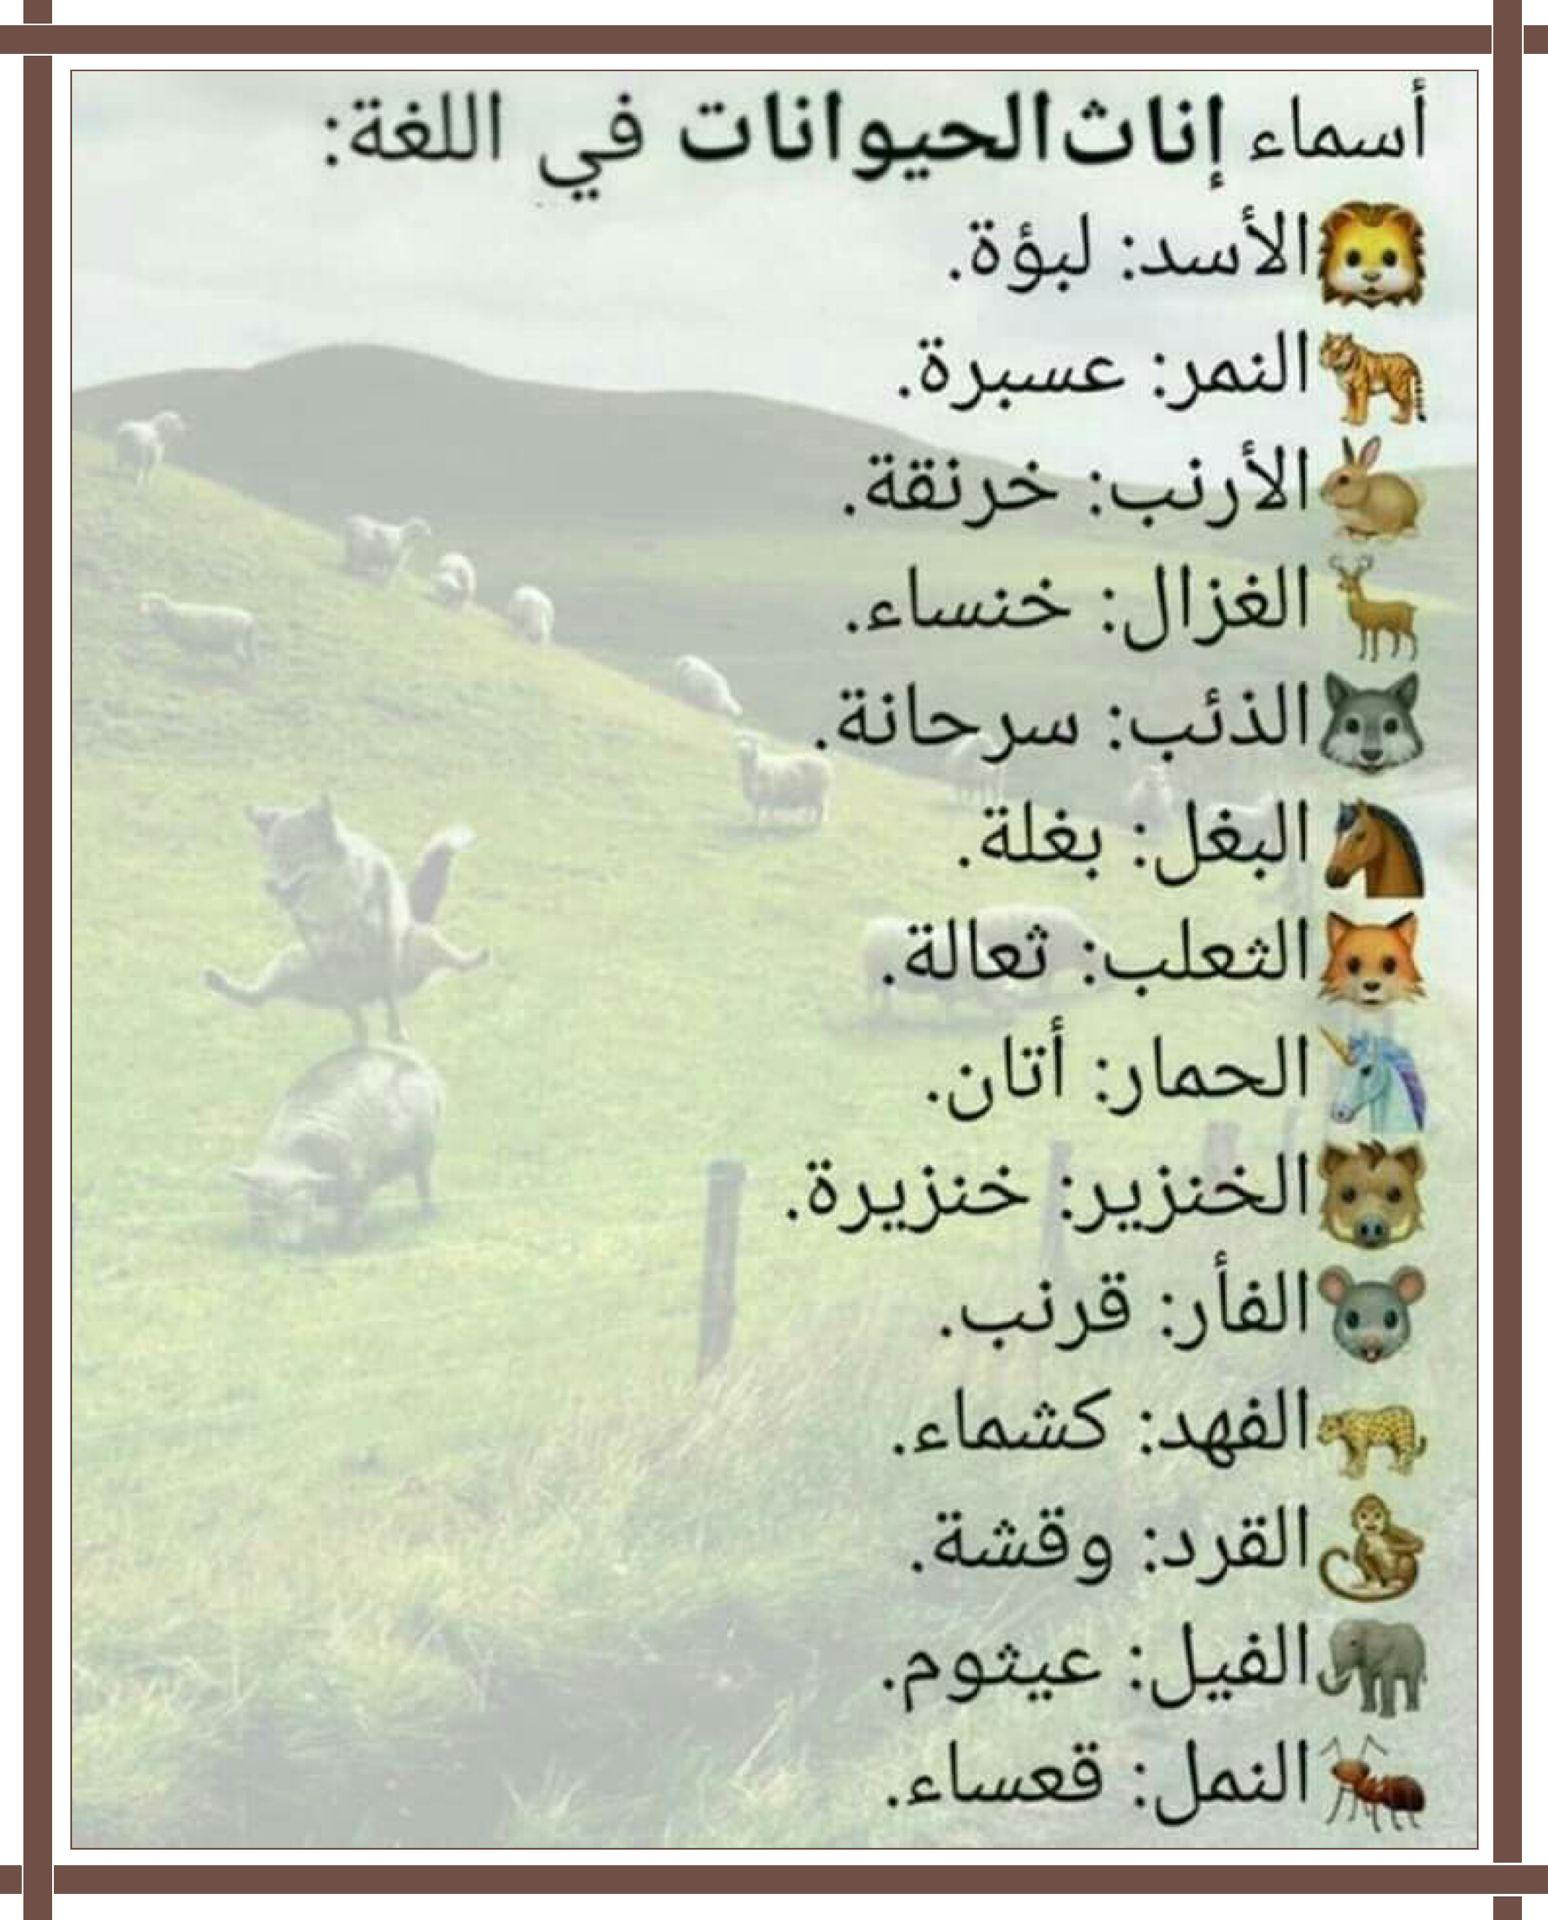 اسماء إناث الحيوانات Learning Arabic Knowledge Quotes Arabic Words